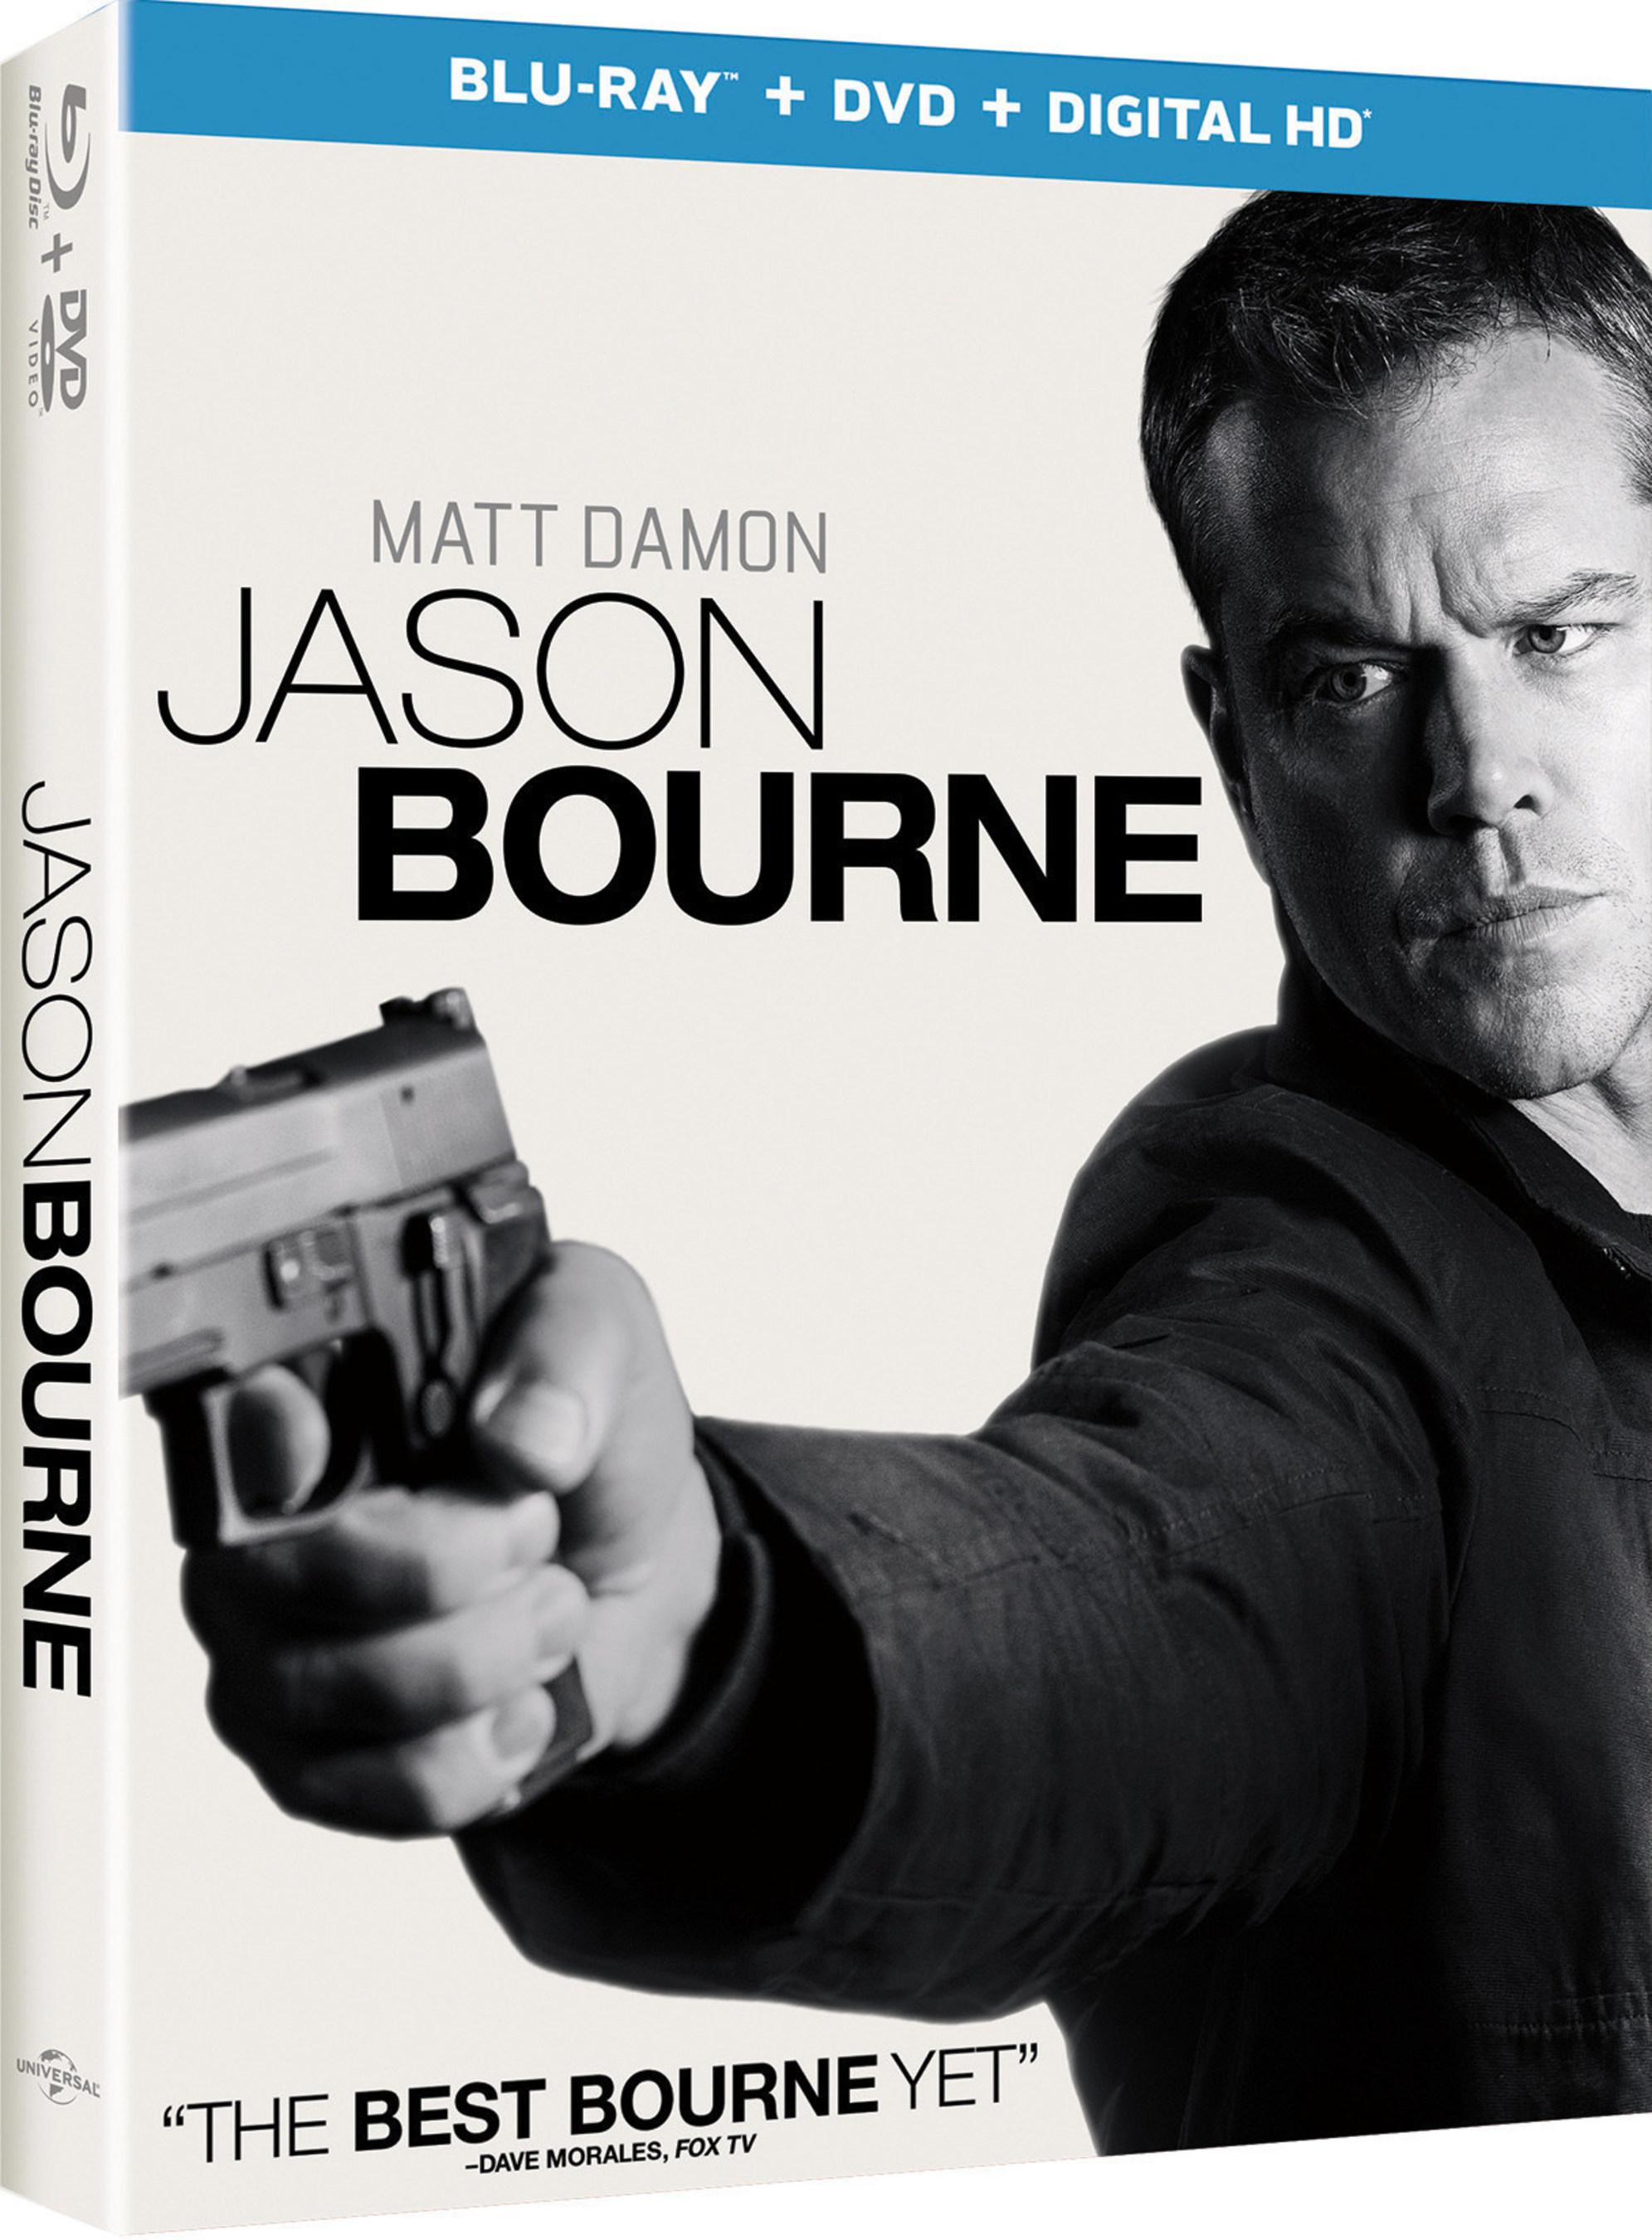 Matt Damon Makes His Epic Return In Jason Bourne